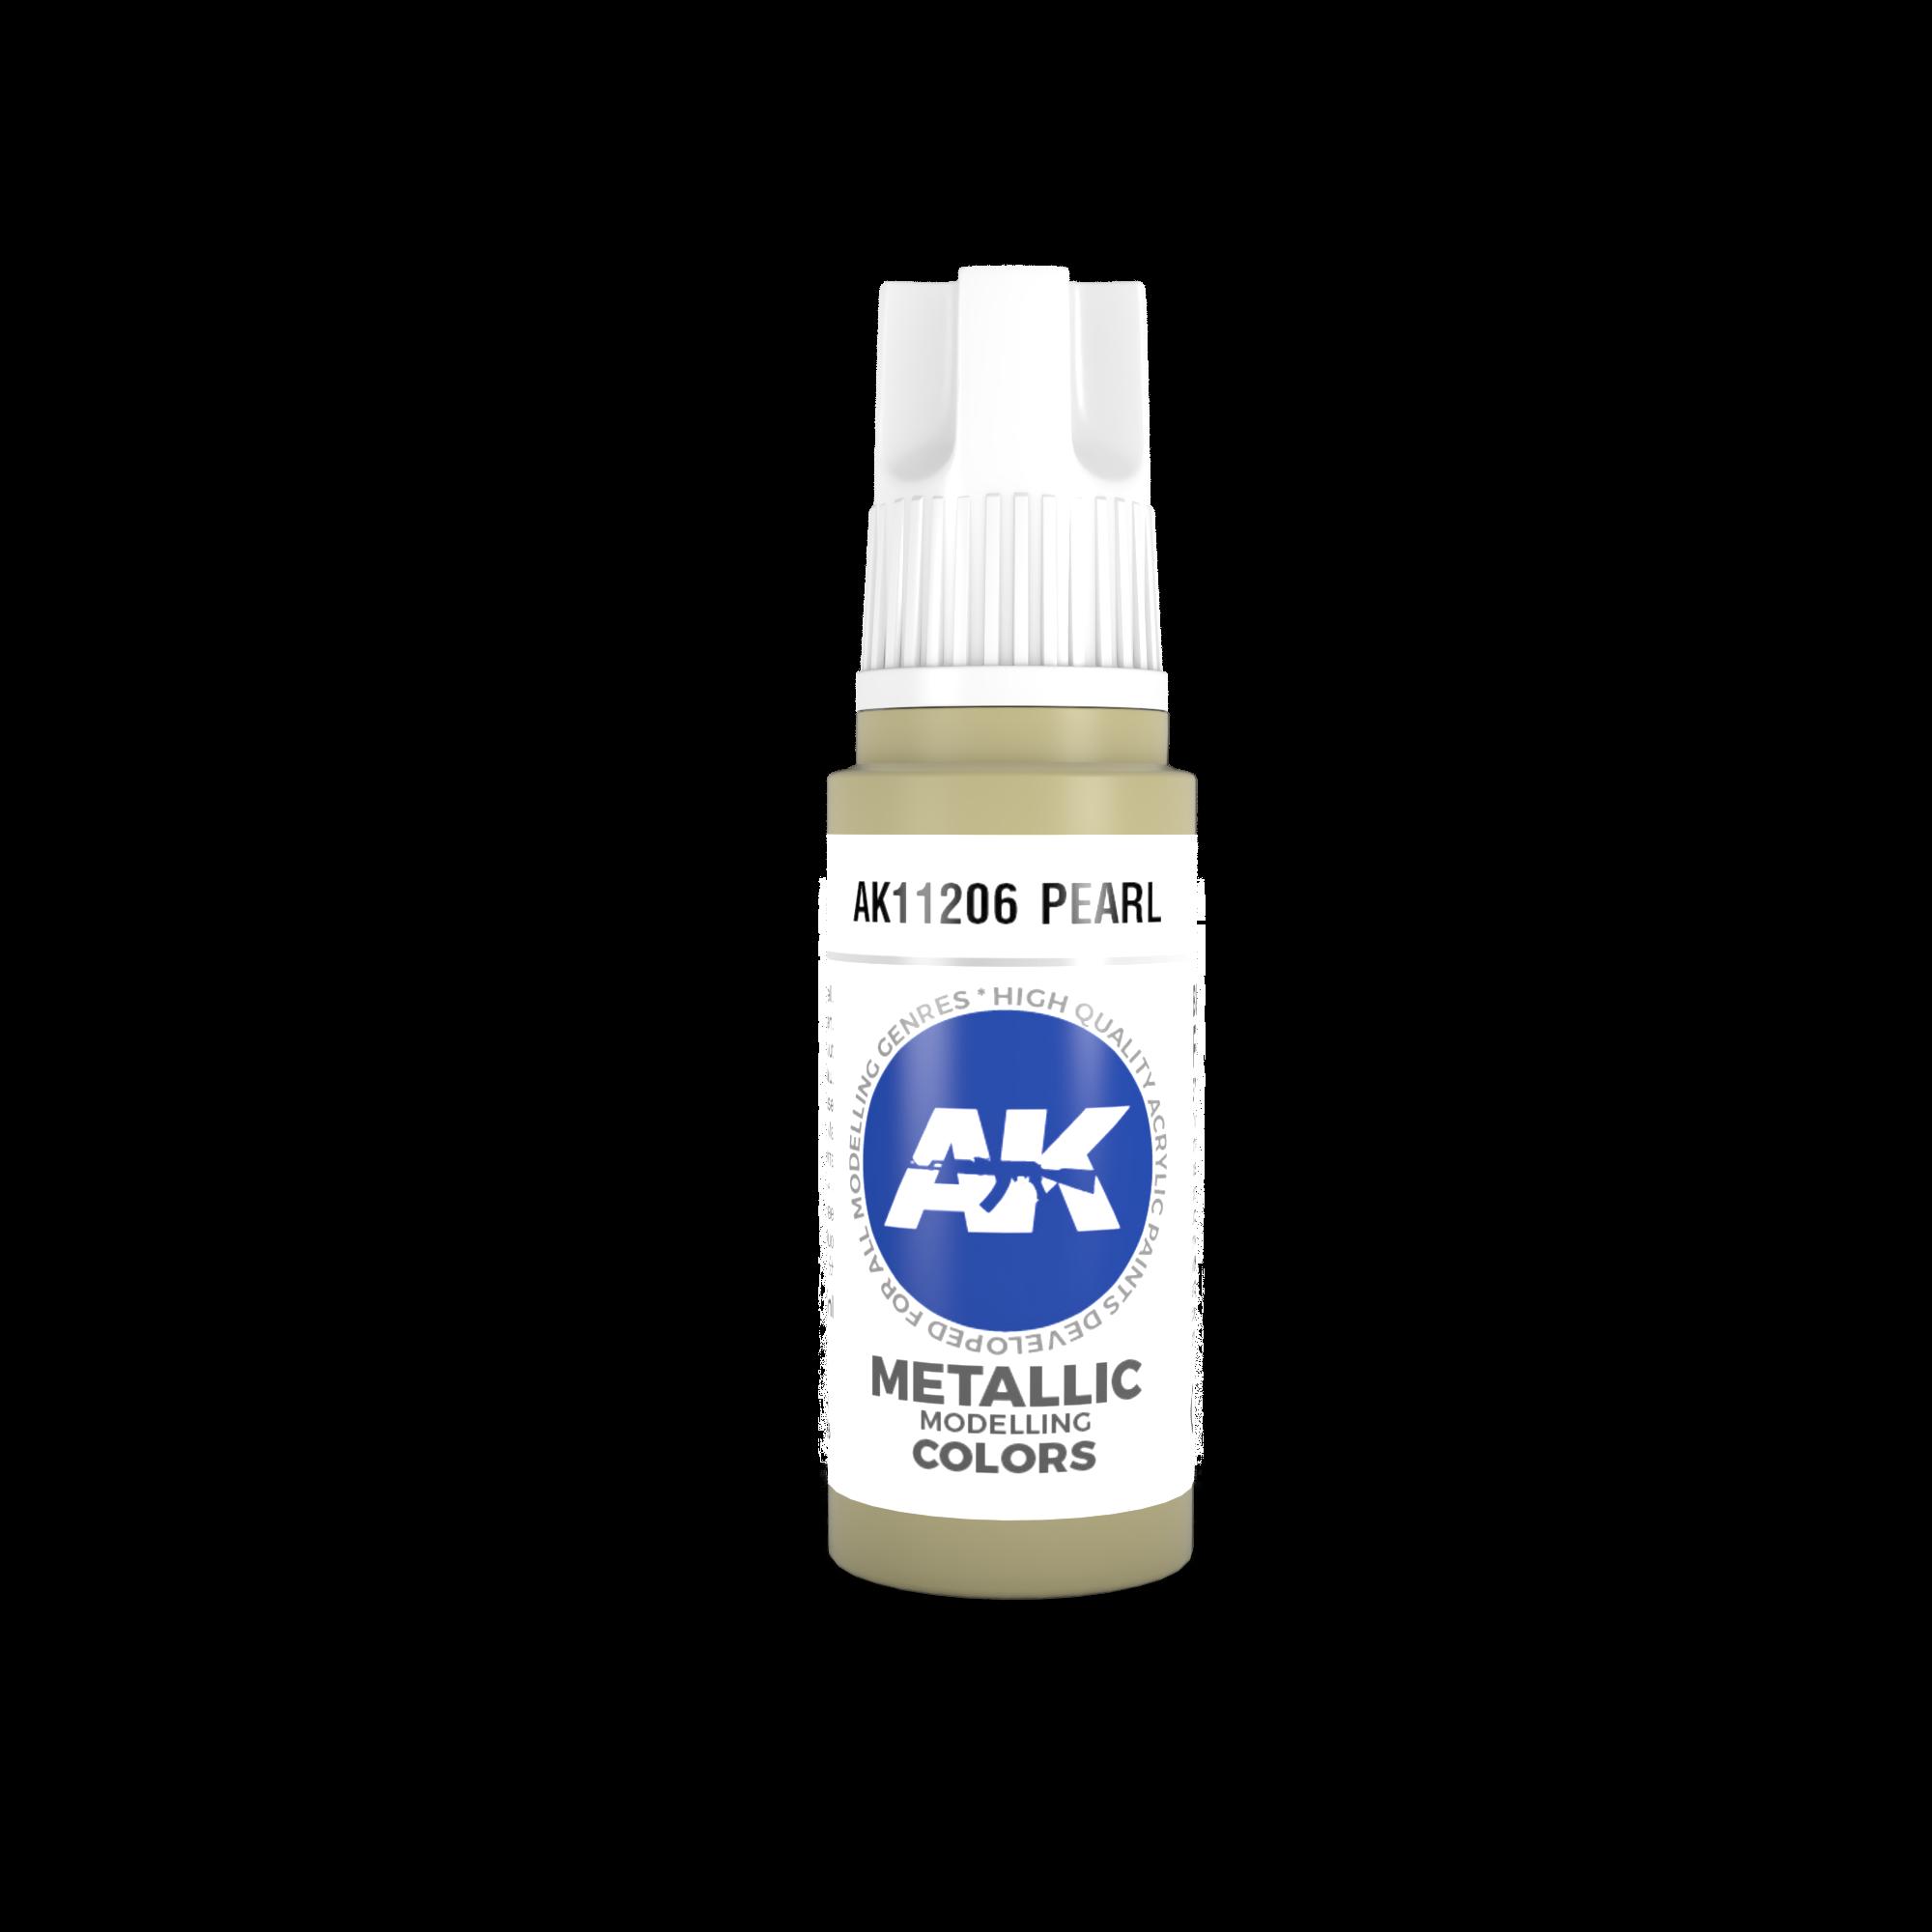 AK-Interactive Pearl Acrylic Modelling Color - 17ml - AK-11206